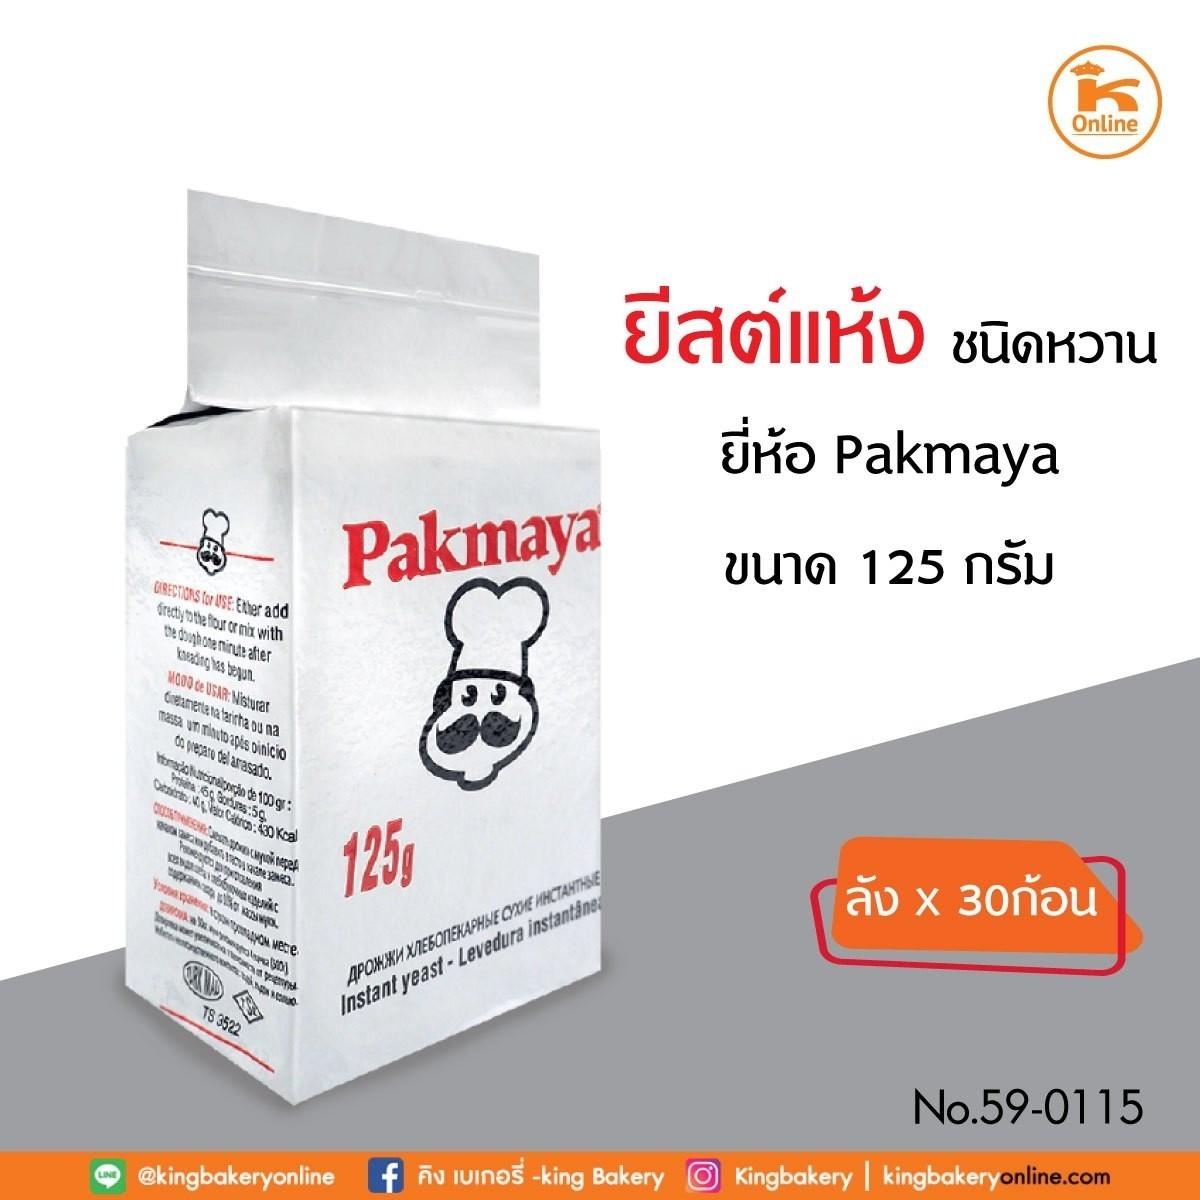 ยีสต์แห้งหวาน Pakmaya 125 กรัม (1ลังx30ก้อน)